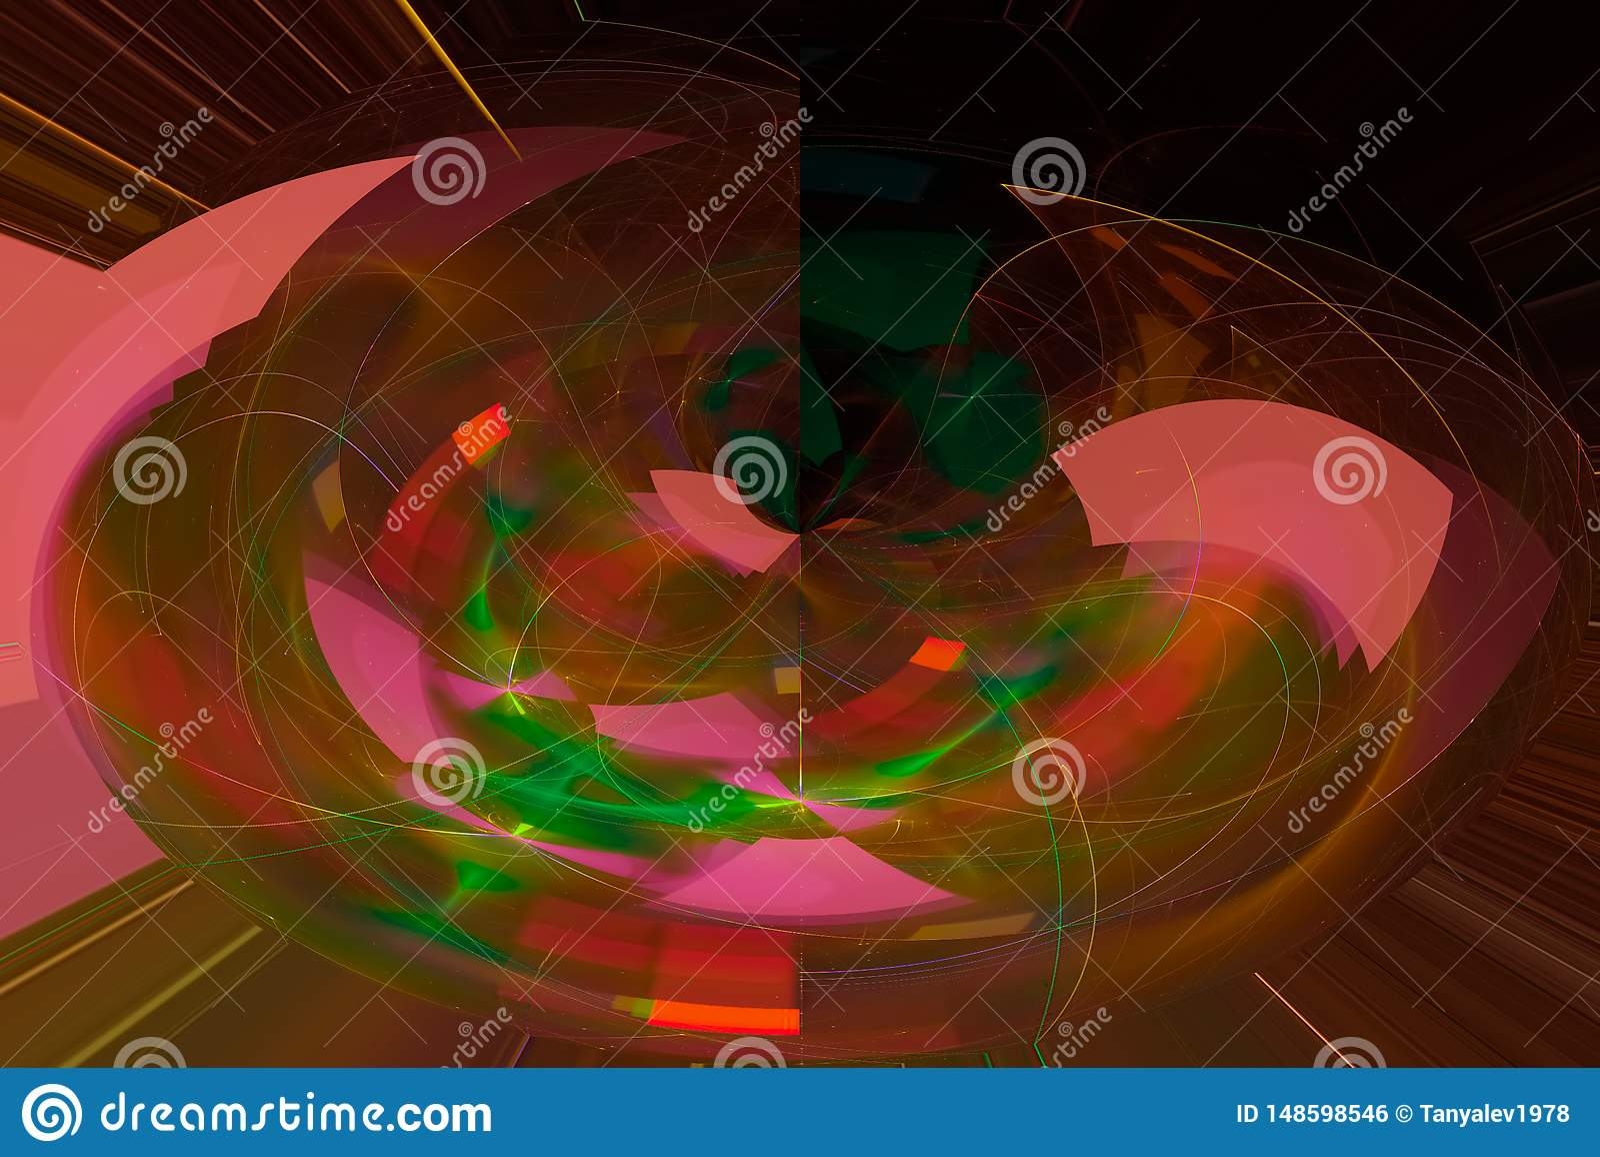 发光的波斯菊科学现代烟花样式纹理背景飞溅力量幻想爆炸设计飞溅,闪闪发光